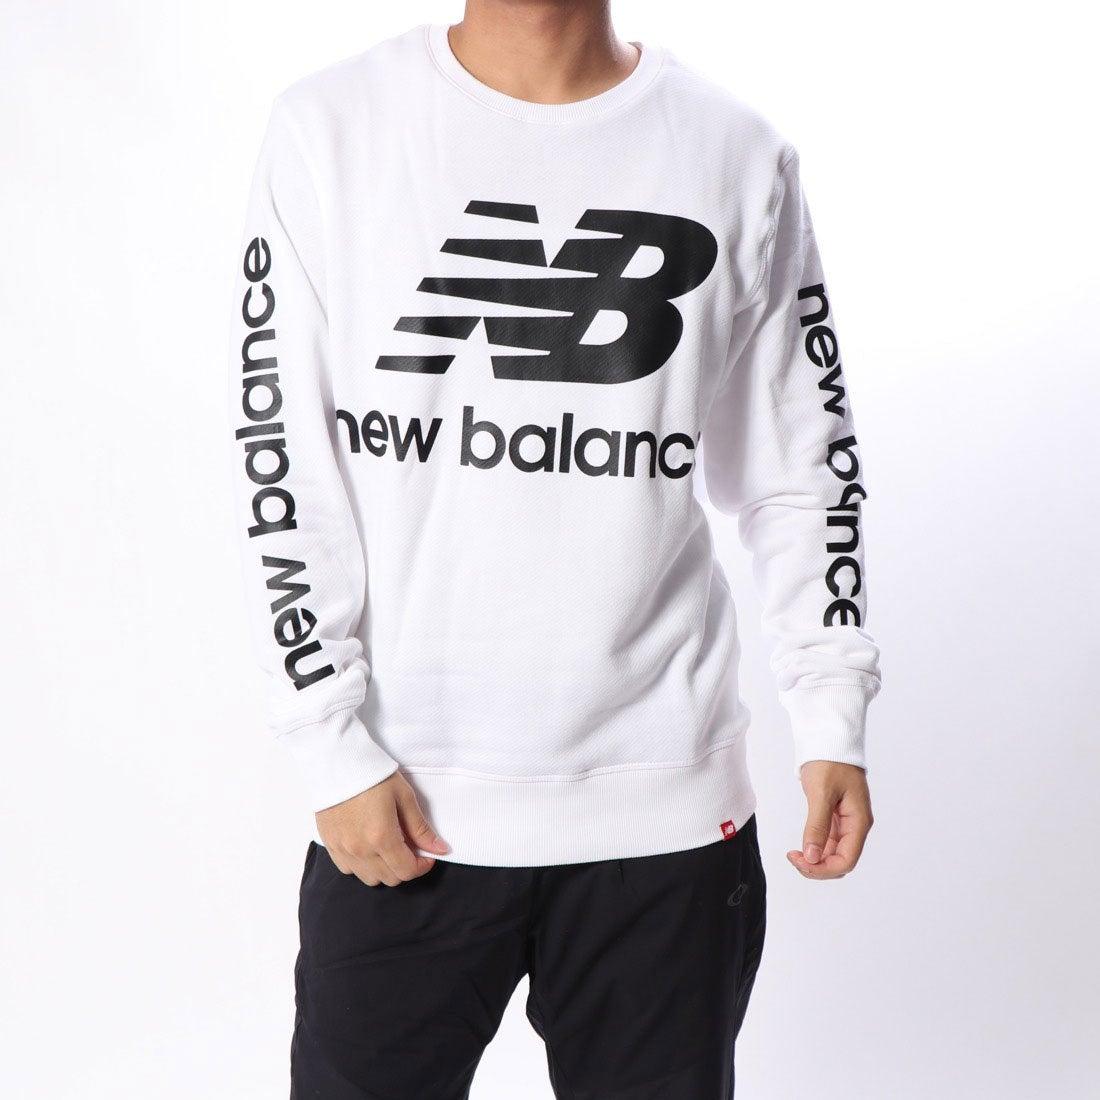 a5fc3526bb347 ニューバランス new balance メンズ スウェットトレーナー NBロゴクルー MT83573 -レディースファッション通販  ロコンドガールズコレクション (ロココレ)